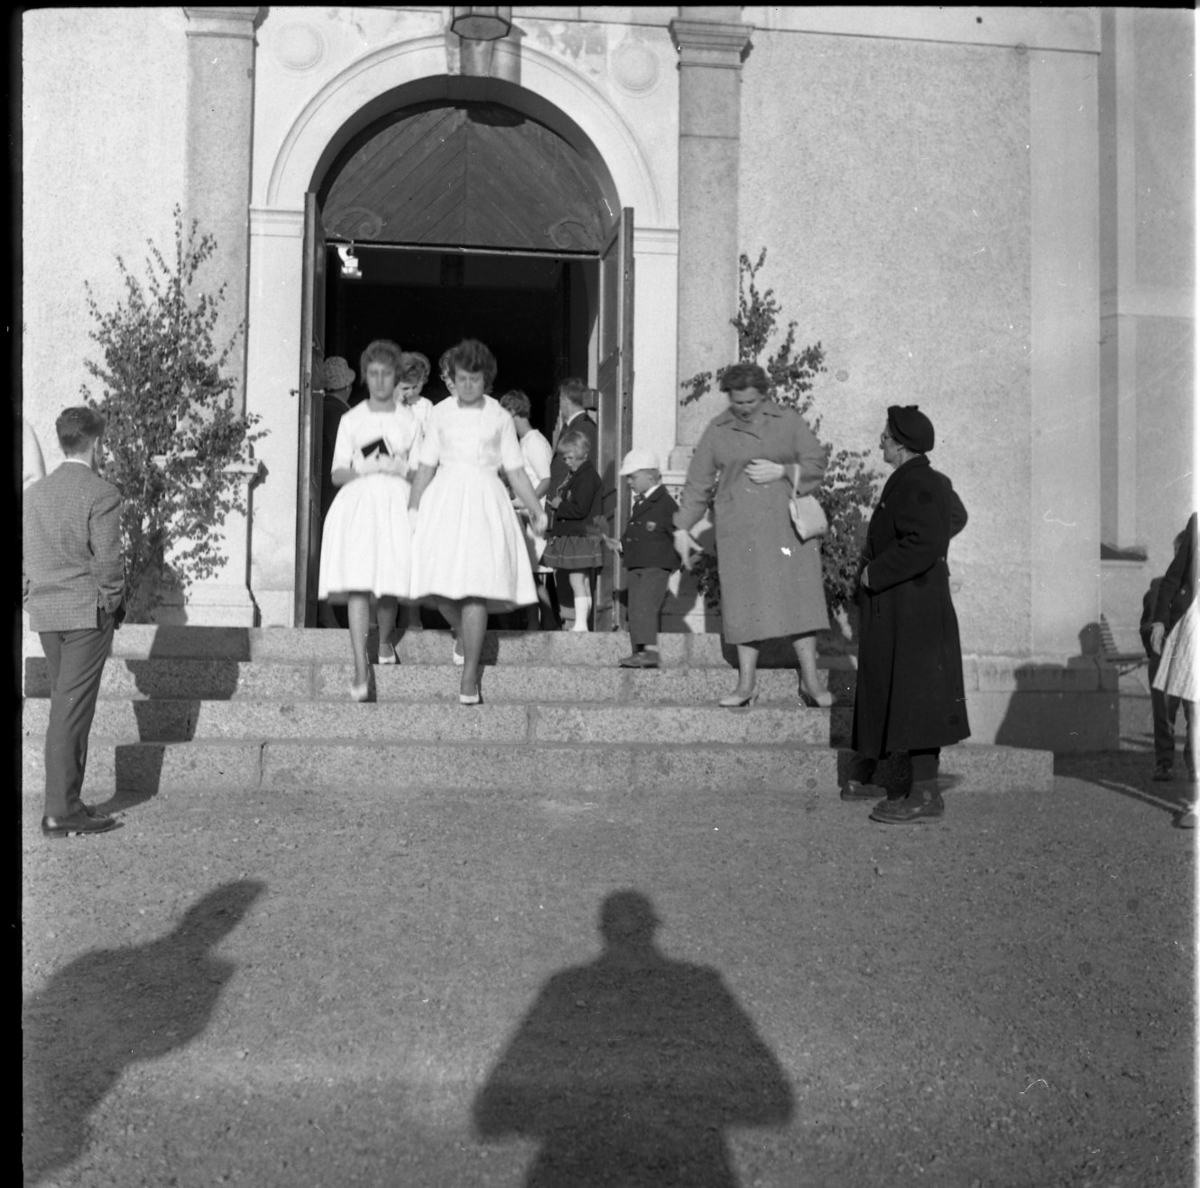 Kvinnliga konfirmander på väg ut ur Gränna kyrka. Vid trappan står barn och vuxna. I förgrunden fotografens skugga.